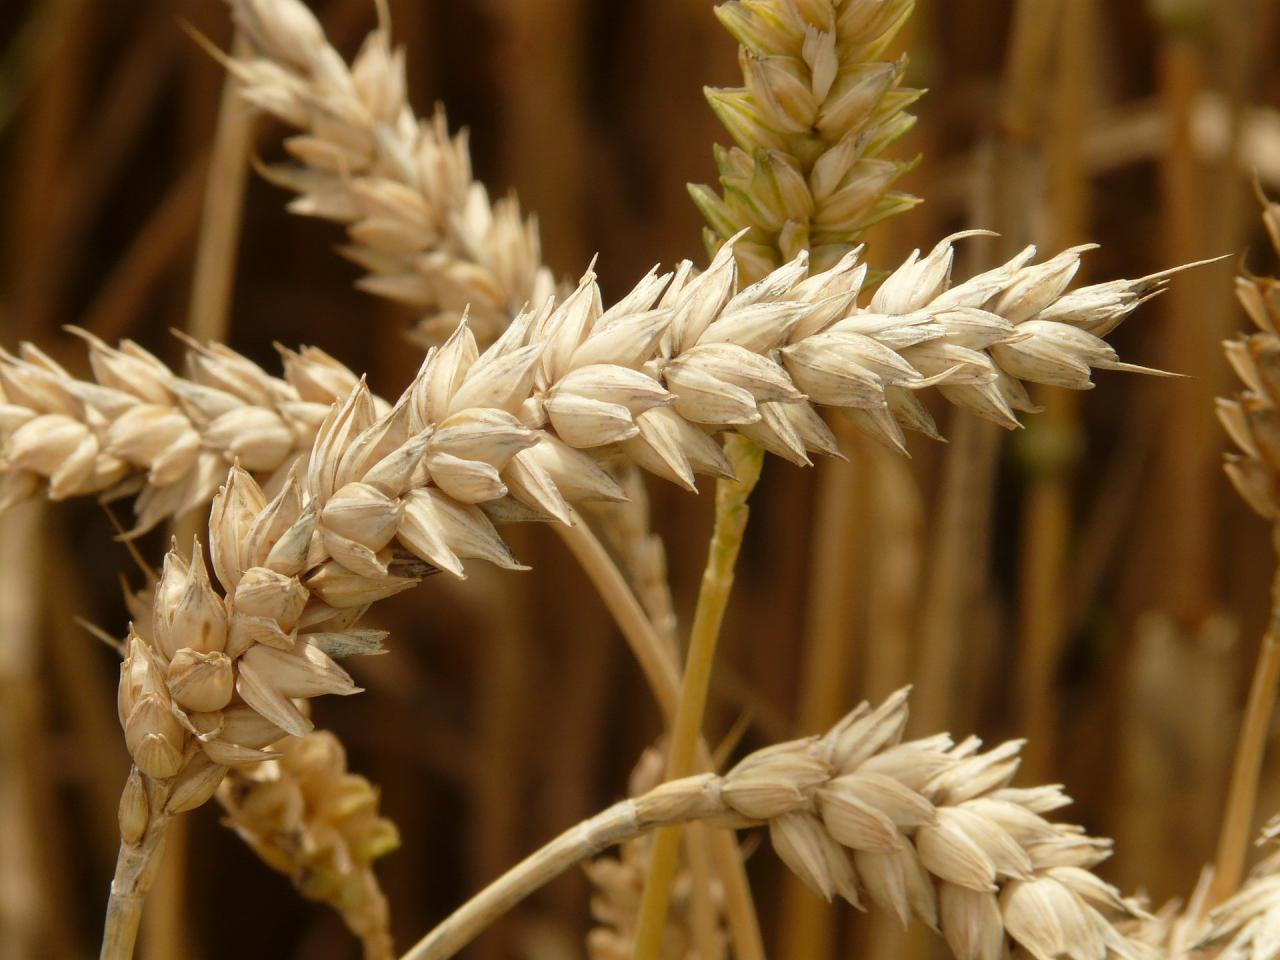 Новый стандарт на пшеницу ДСТУ 3768:2019 вступит в силу с 10 июня